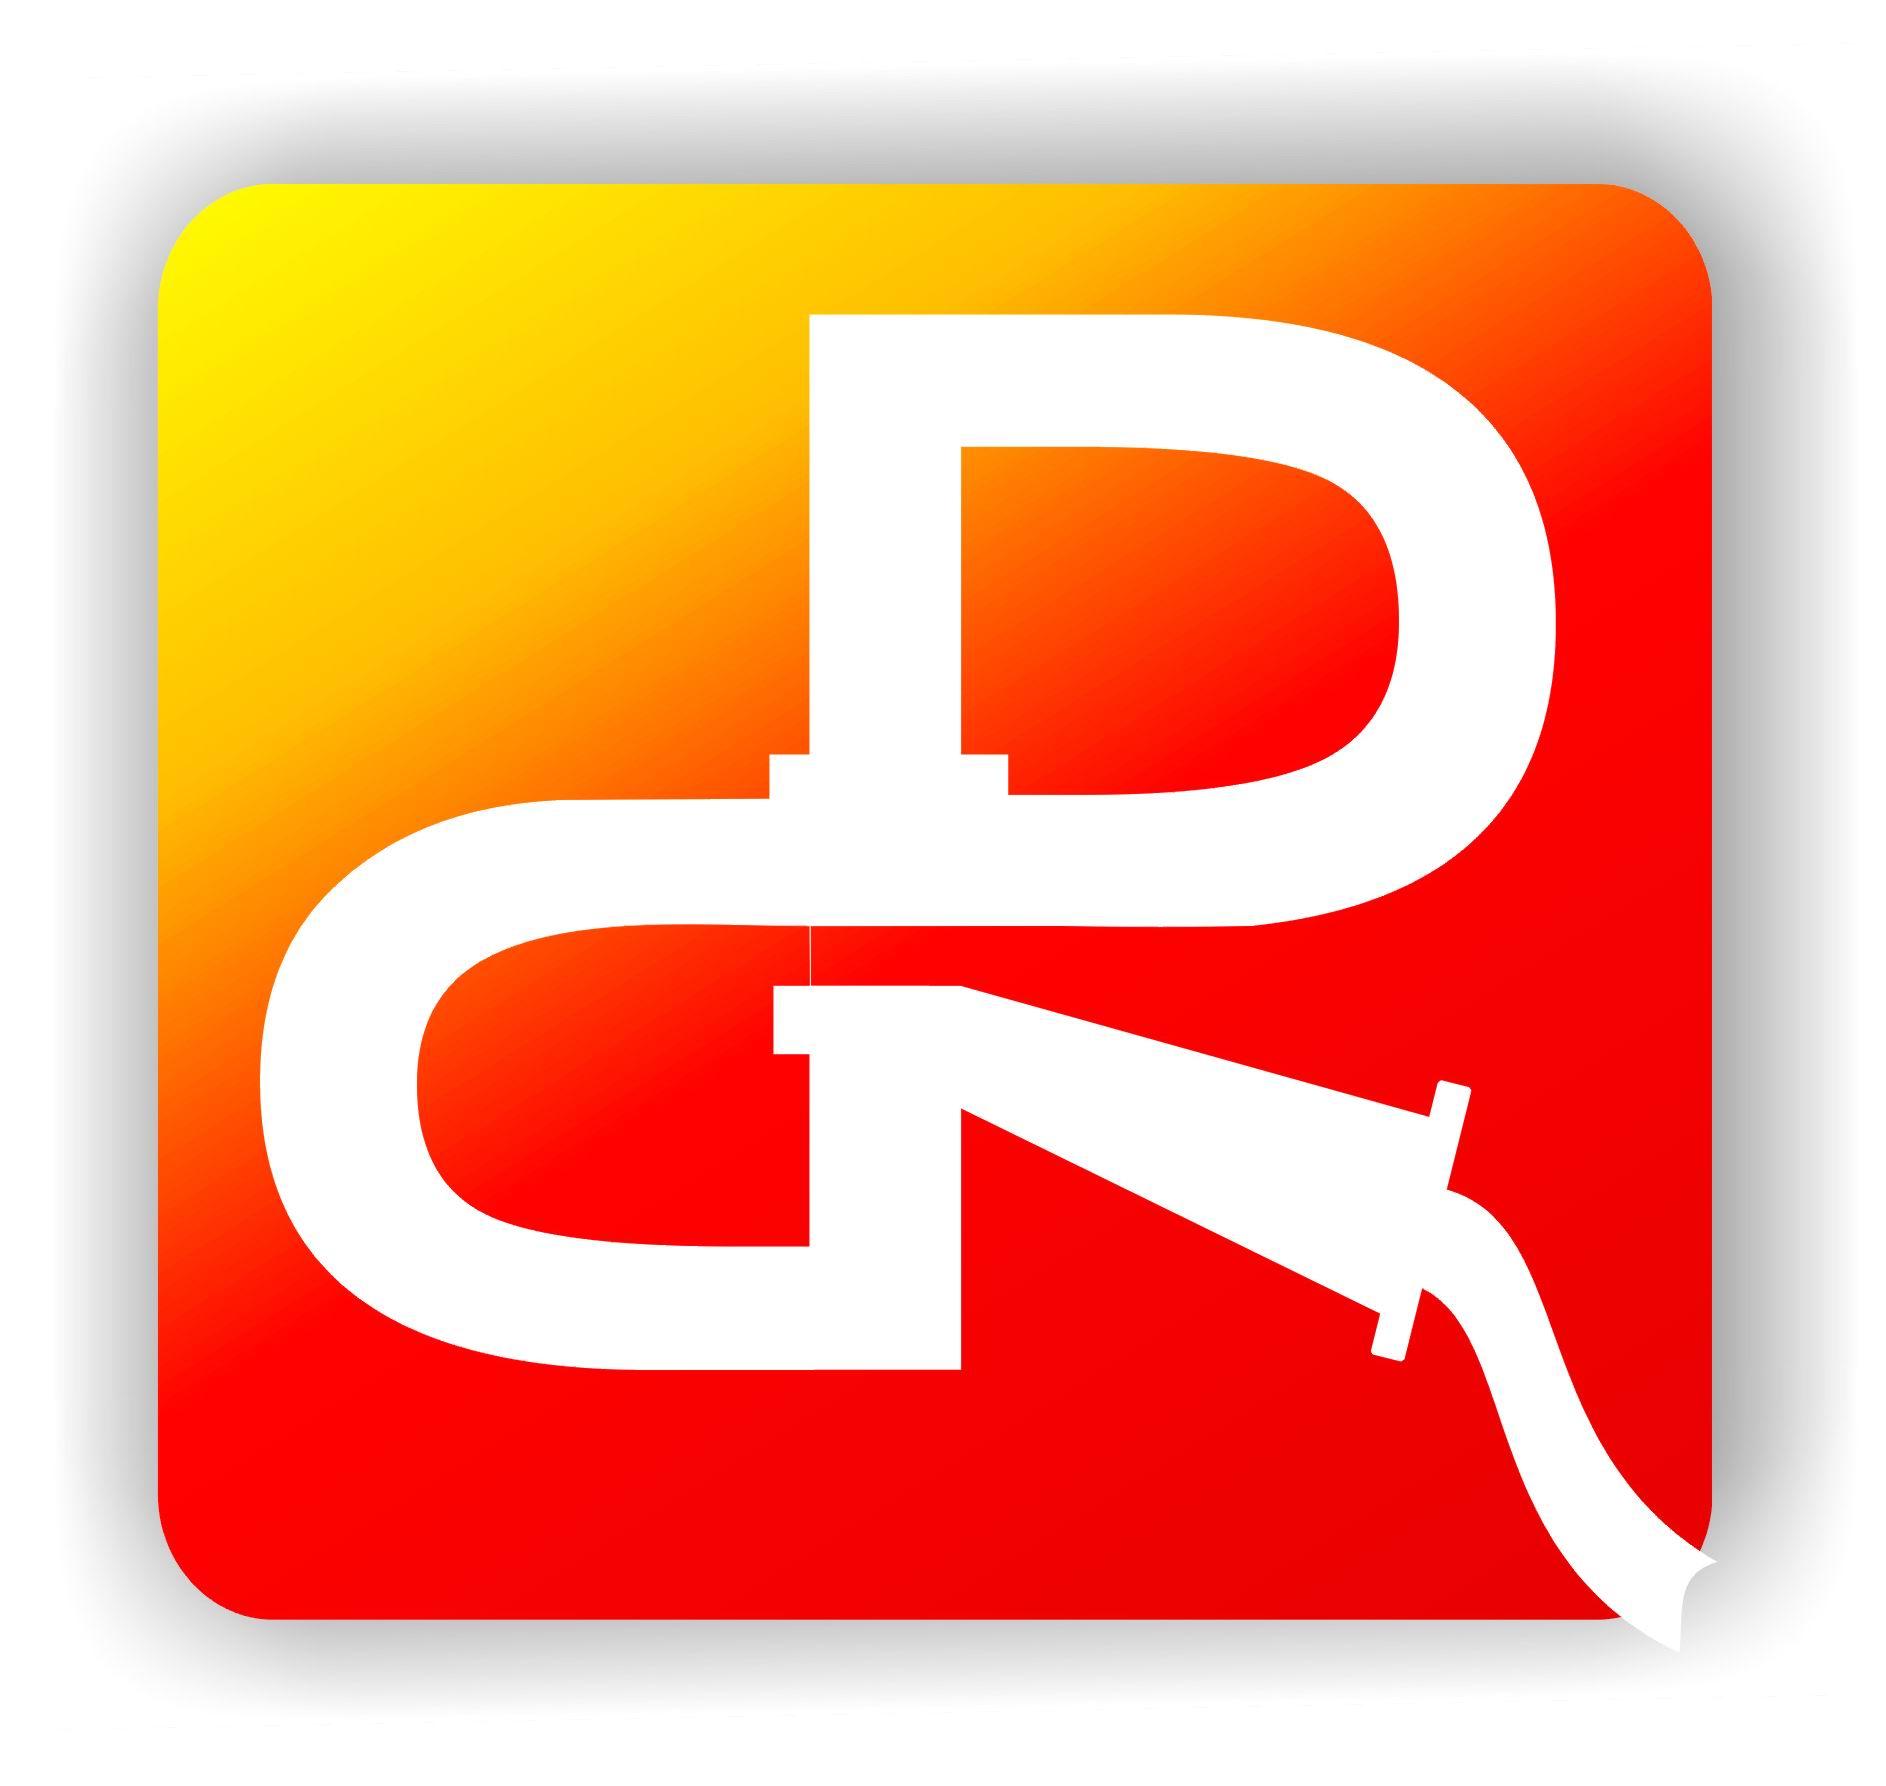 广州瑞港消防设备有限公司